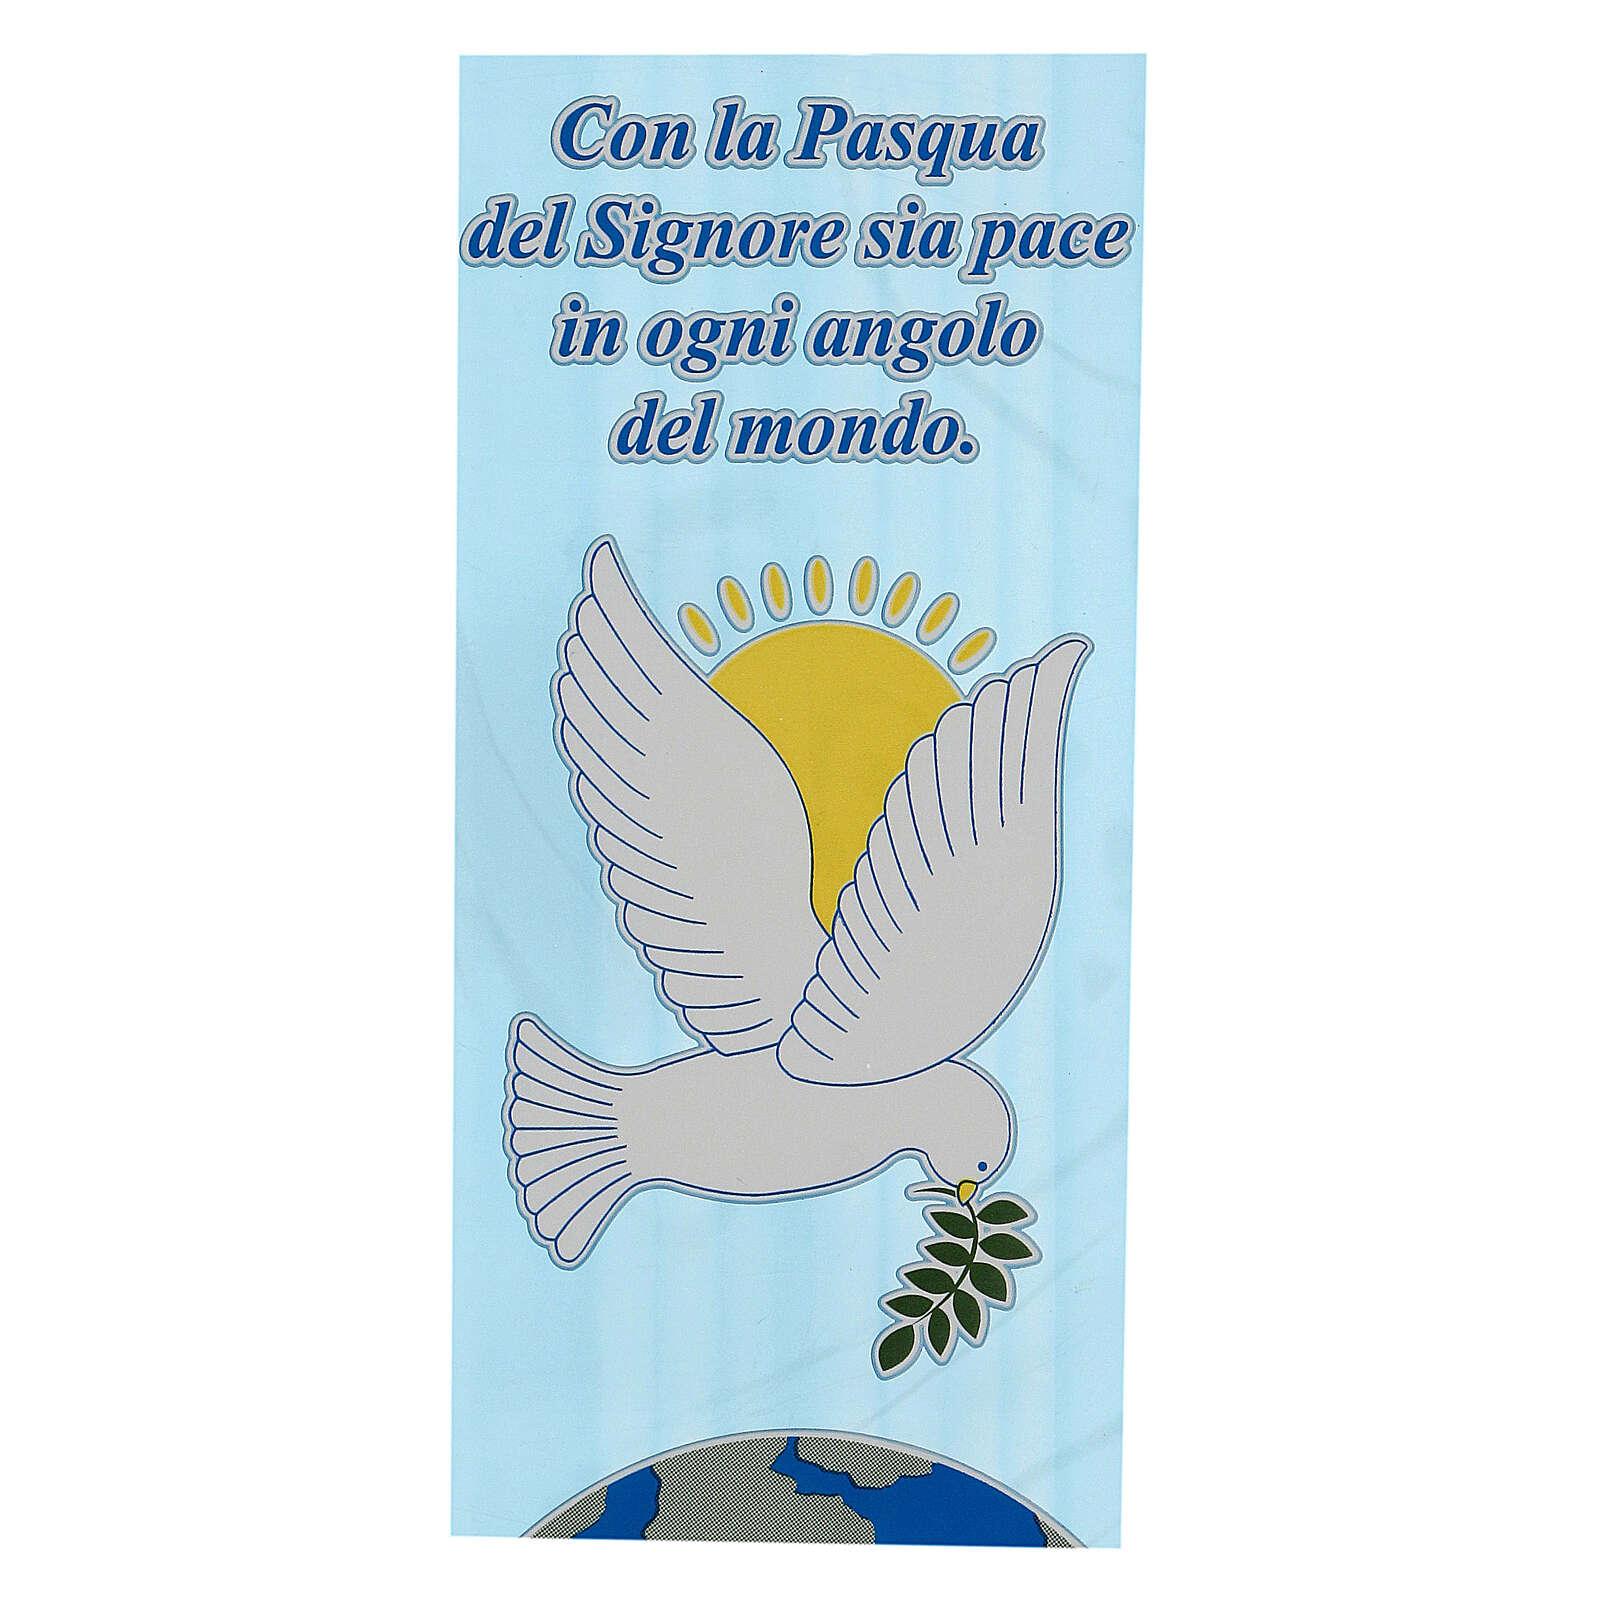 Sobre para olivo Domingo Ramos Paloma paz y mundo (500 piezas) 3